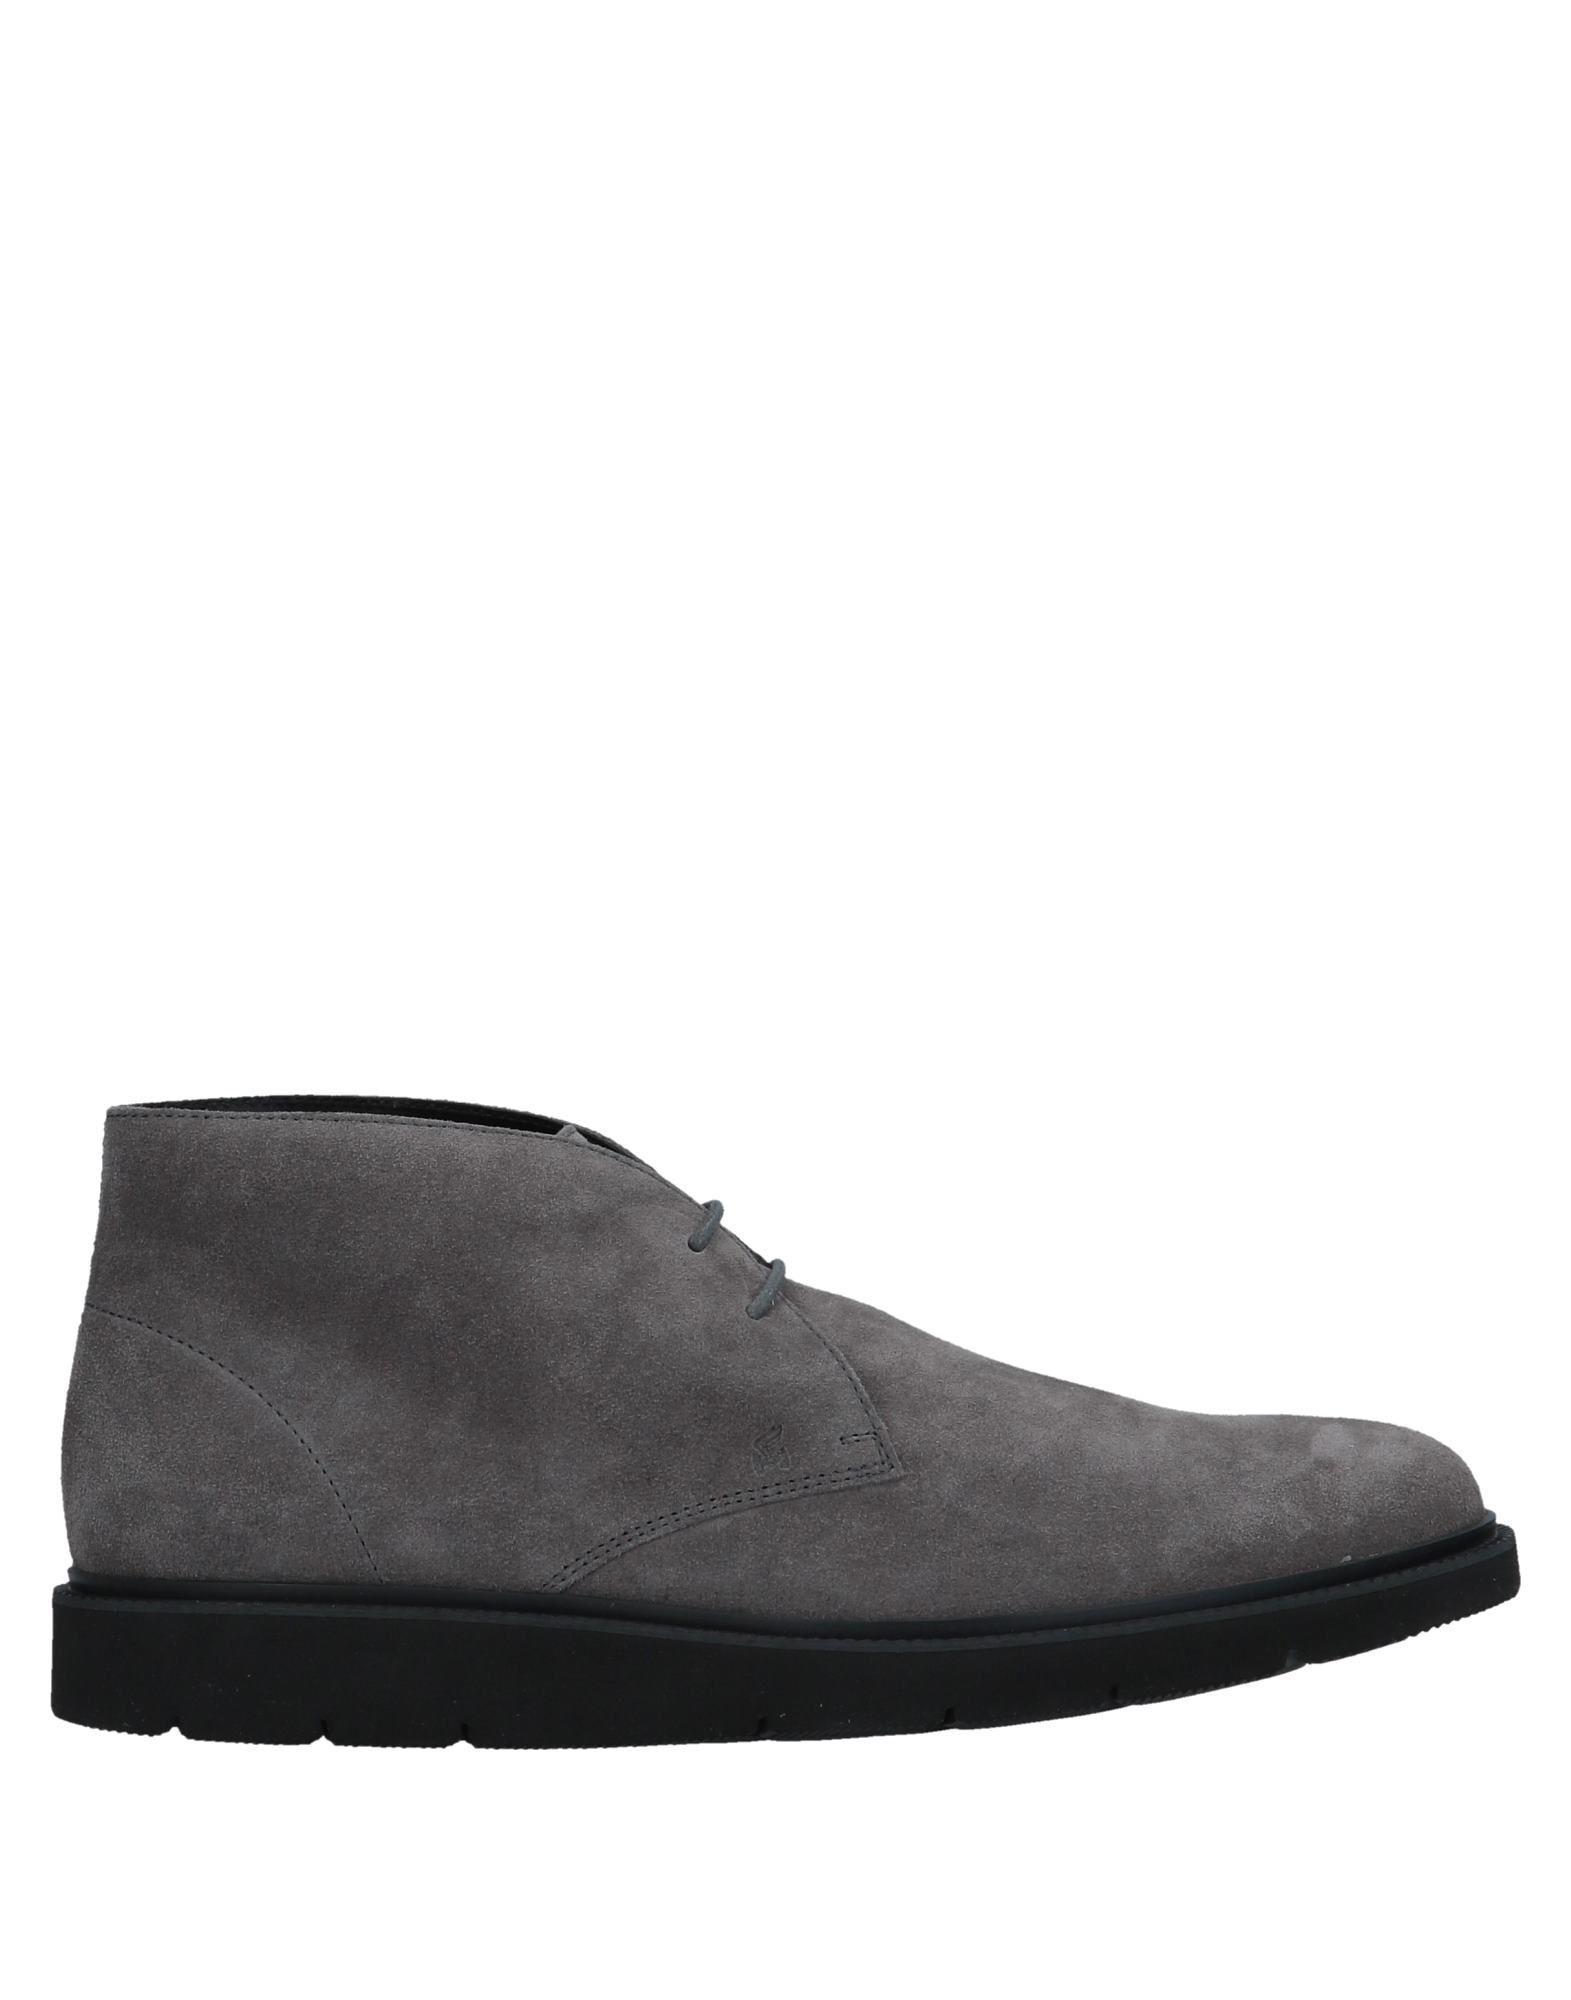 Hogan Stiefelette Herren  11536019GD Gute Qualität beliebte Schuhe